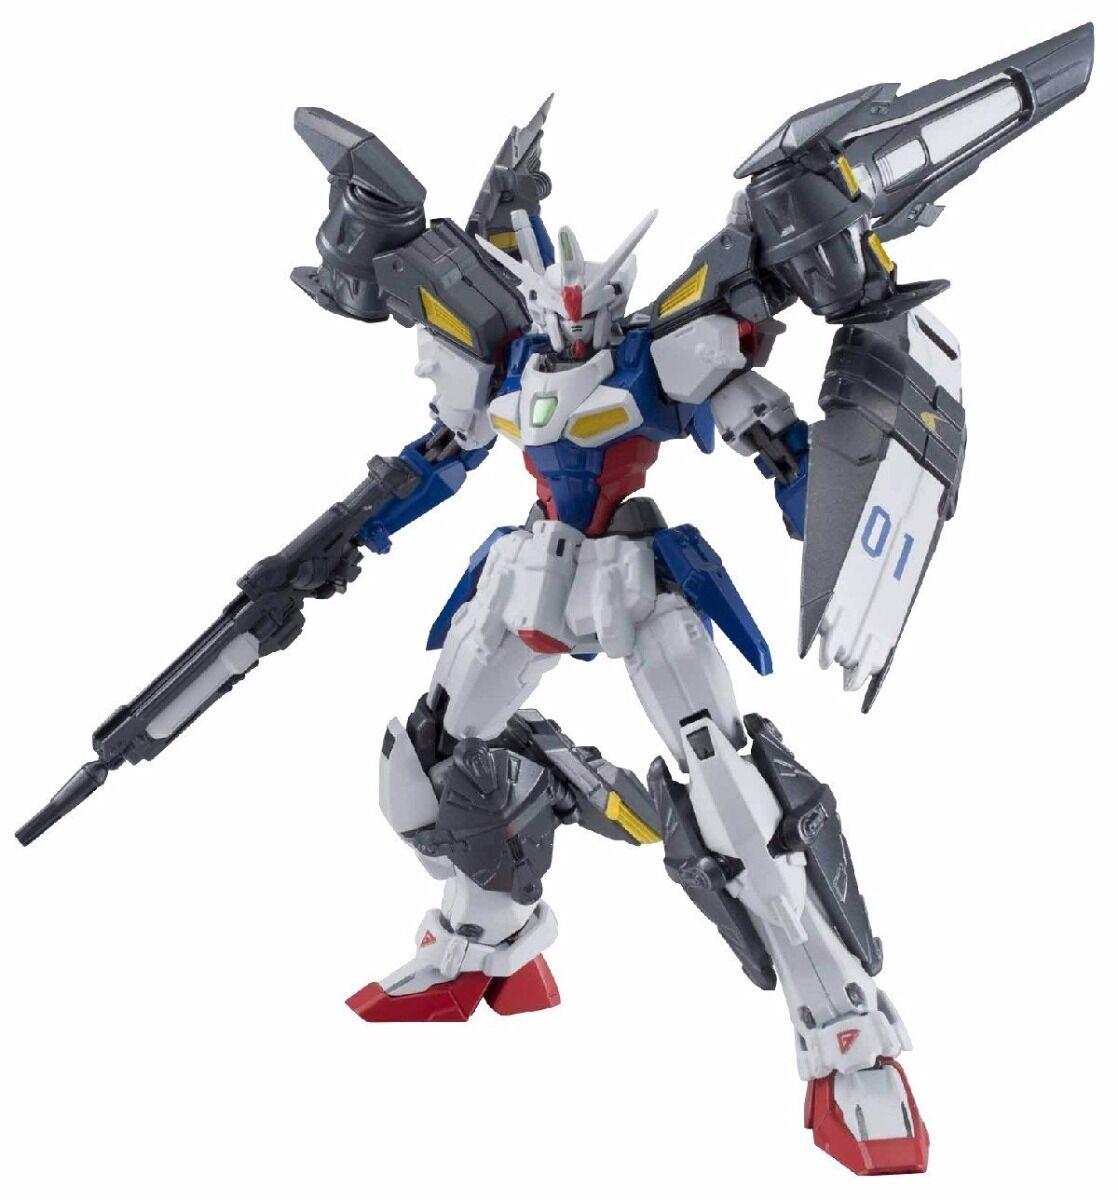 ROBOT SPIRITS Side MS GUNDAM GEMINASS 01 ASSAULT BOOSTER Action Figure BANDAI